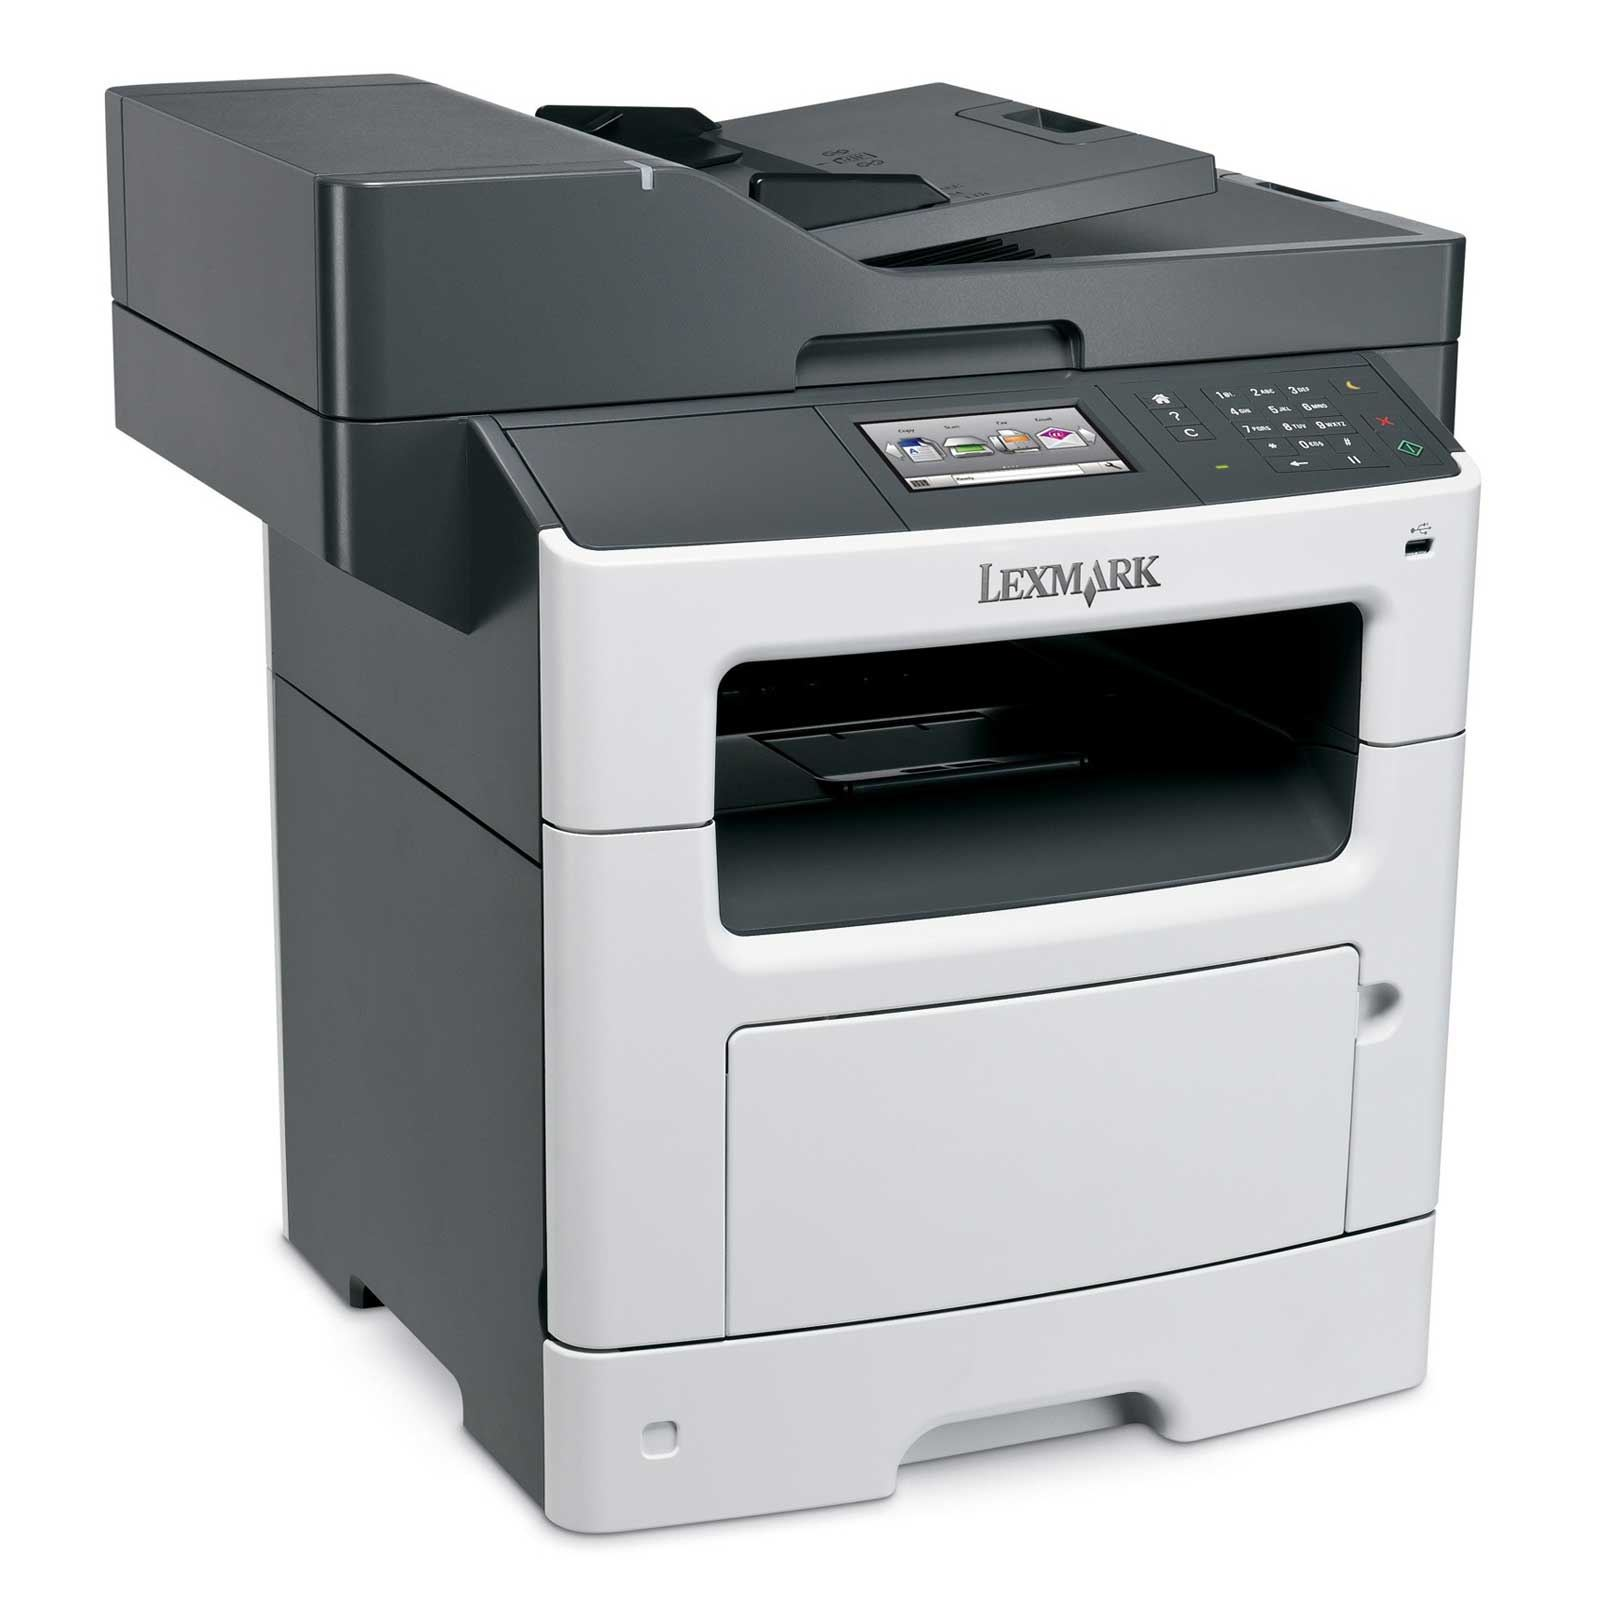 Lexmark MX510De mono laser MFP, 42 ppm, síť, duplex, RADF, dotykový LCD